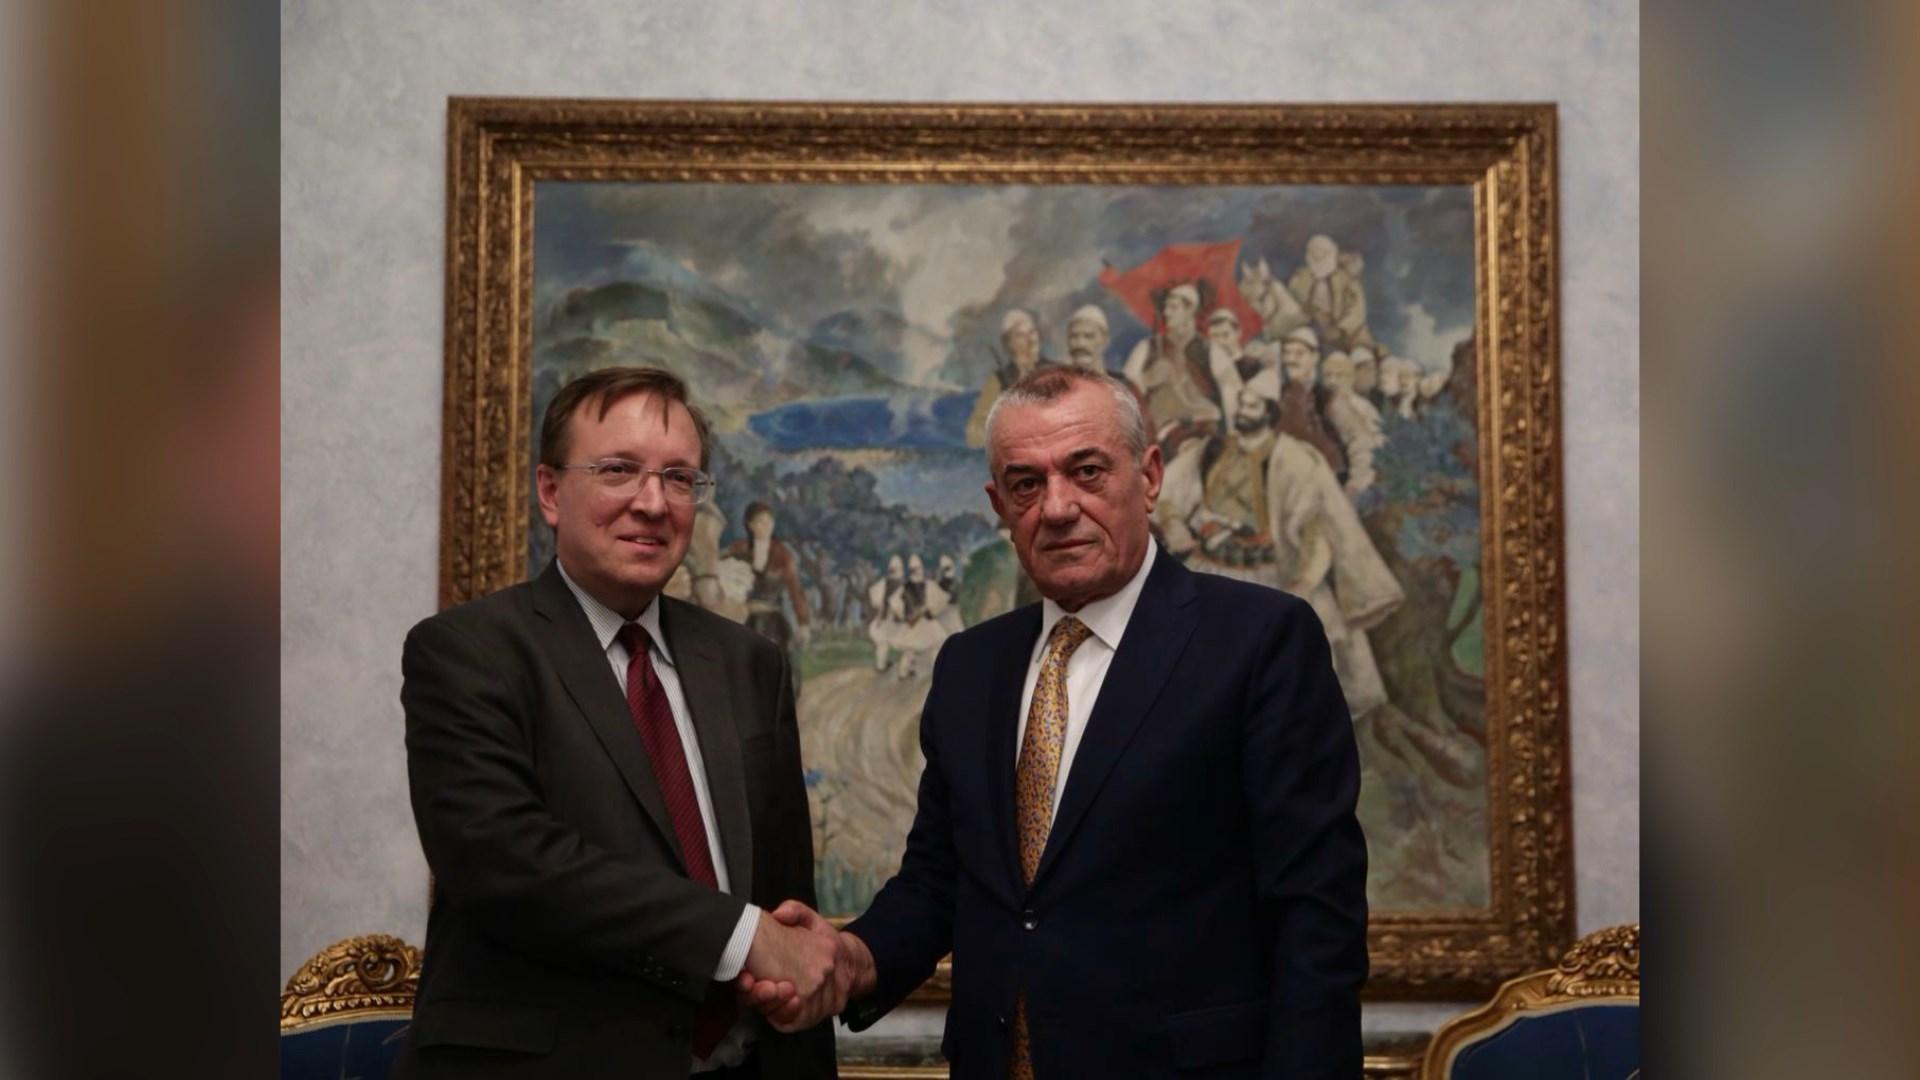 Drejtori i DASH për Europën, Kostelancik takon Ruçin: Sa më parë reforma zgjedhore